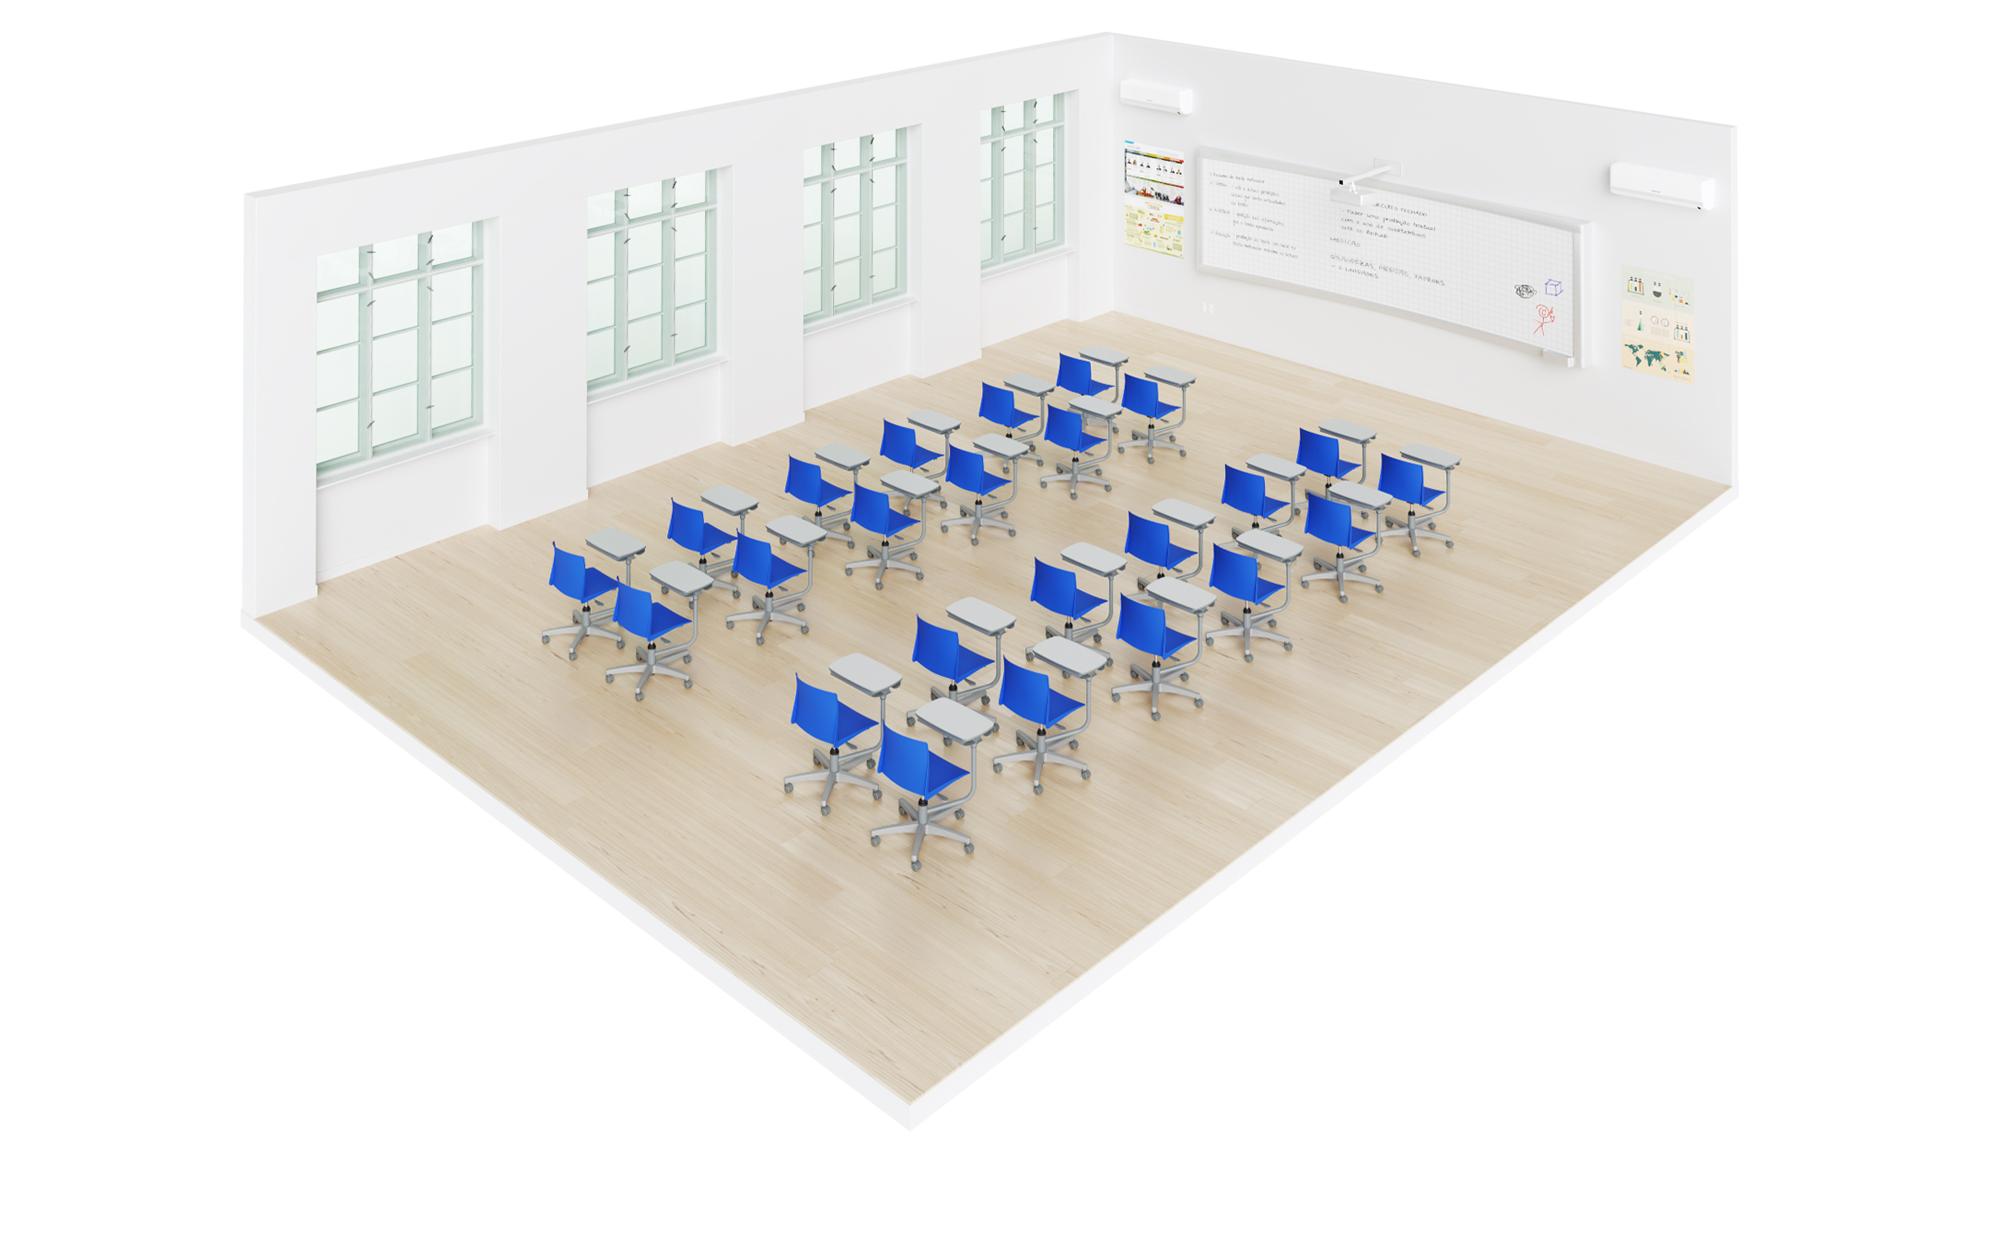 sala de aula com carteiras universitárias flex pro em duplas